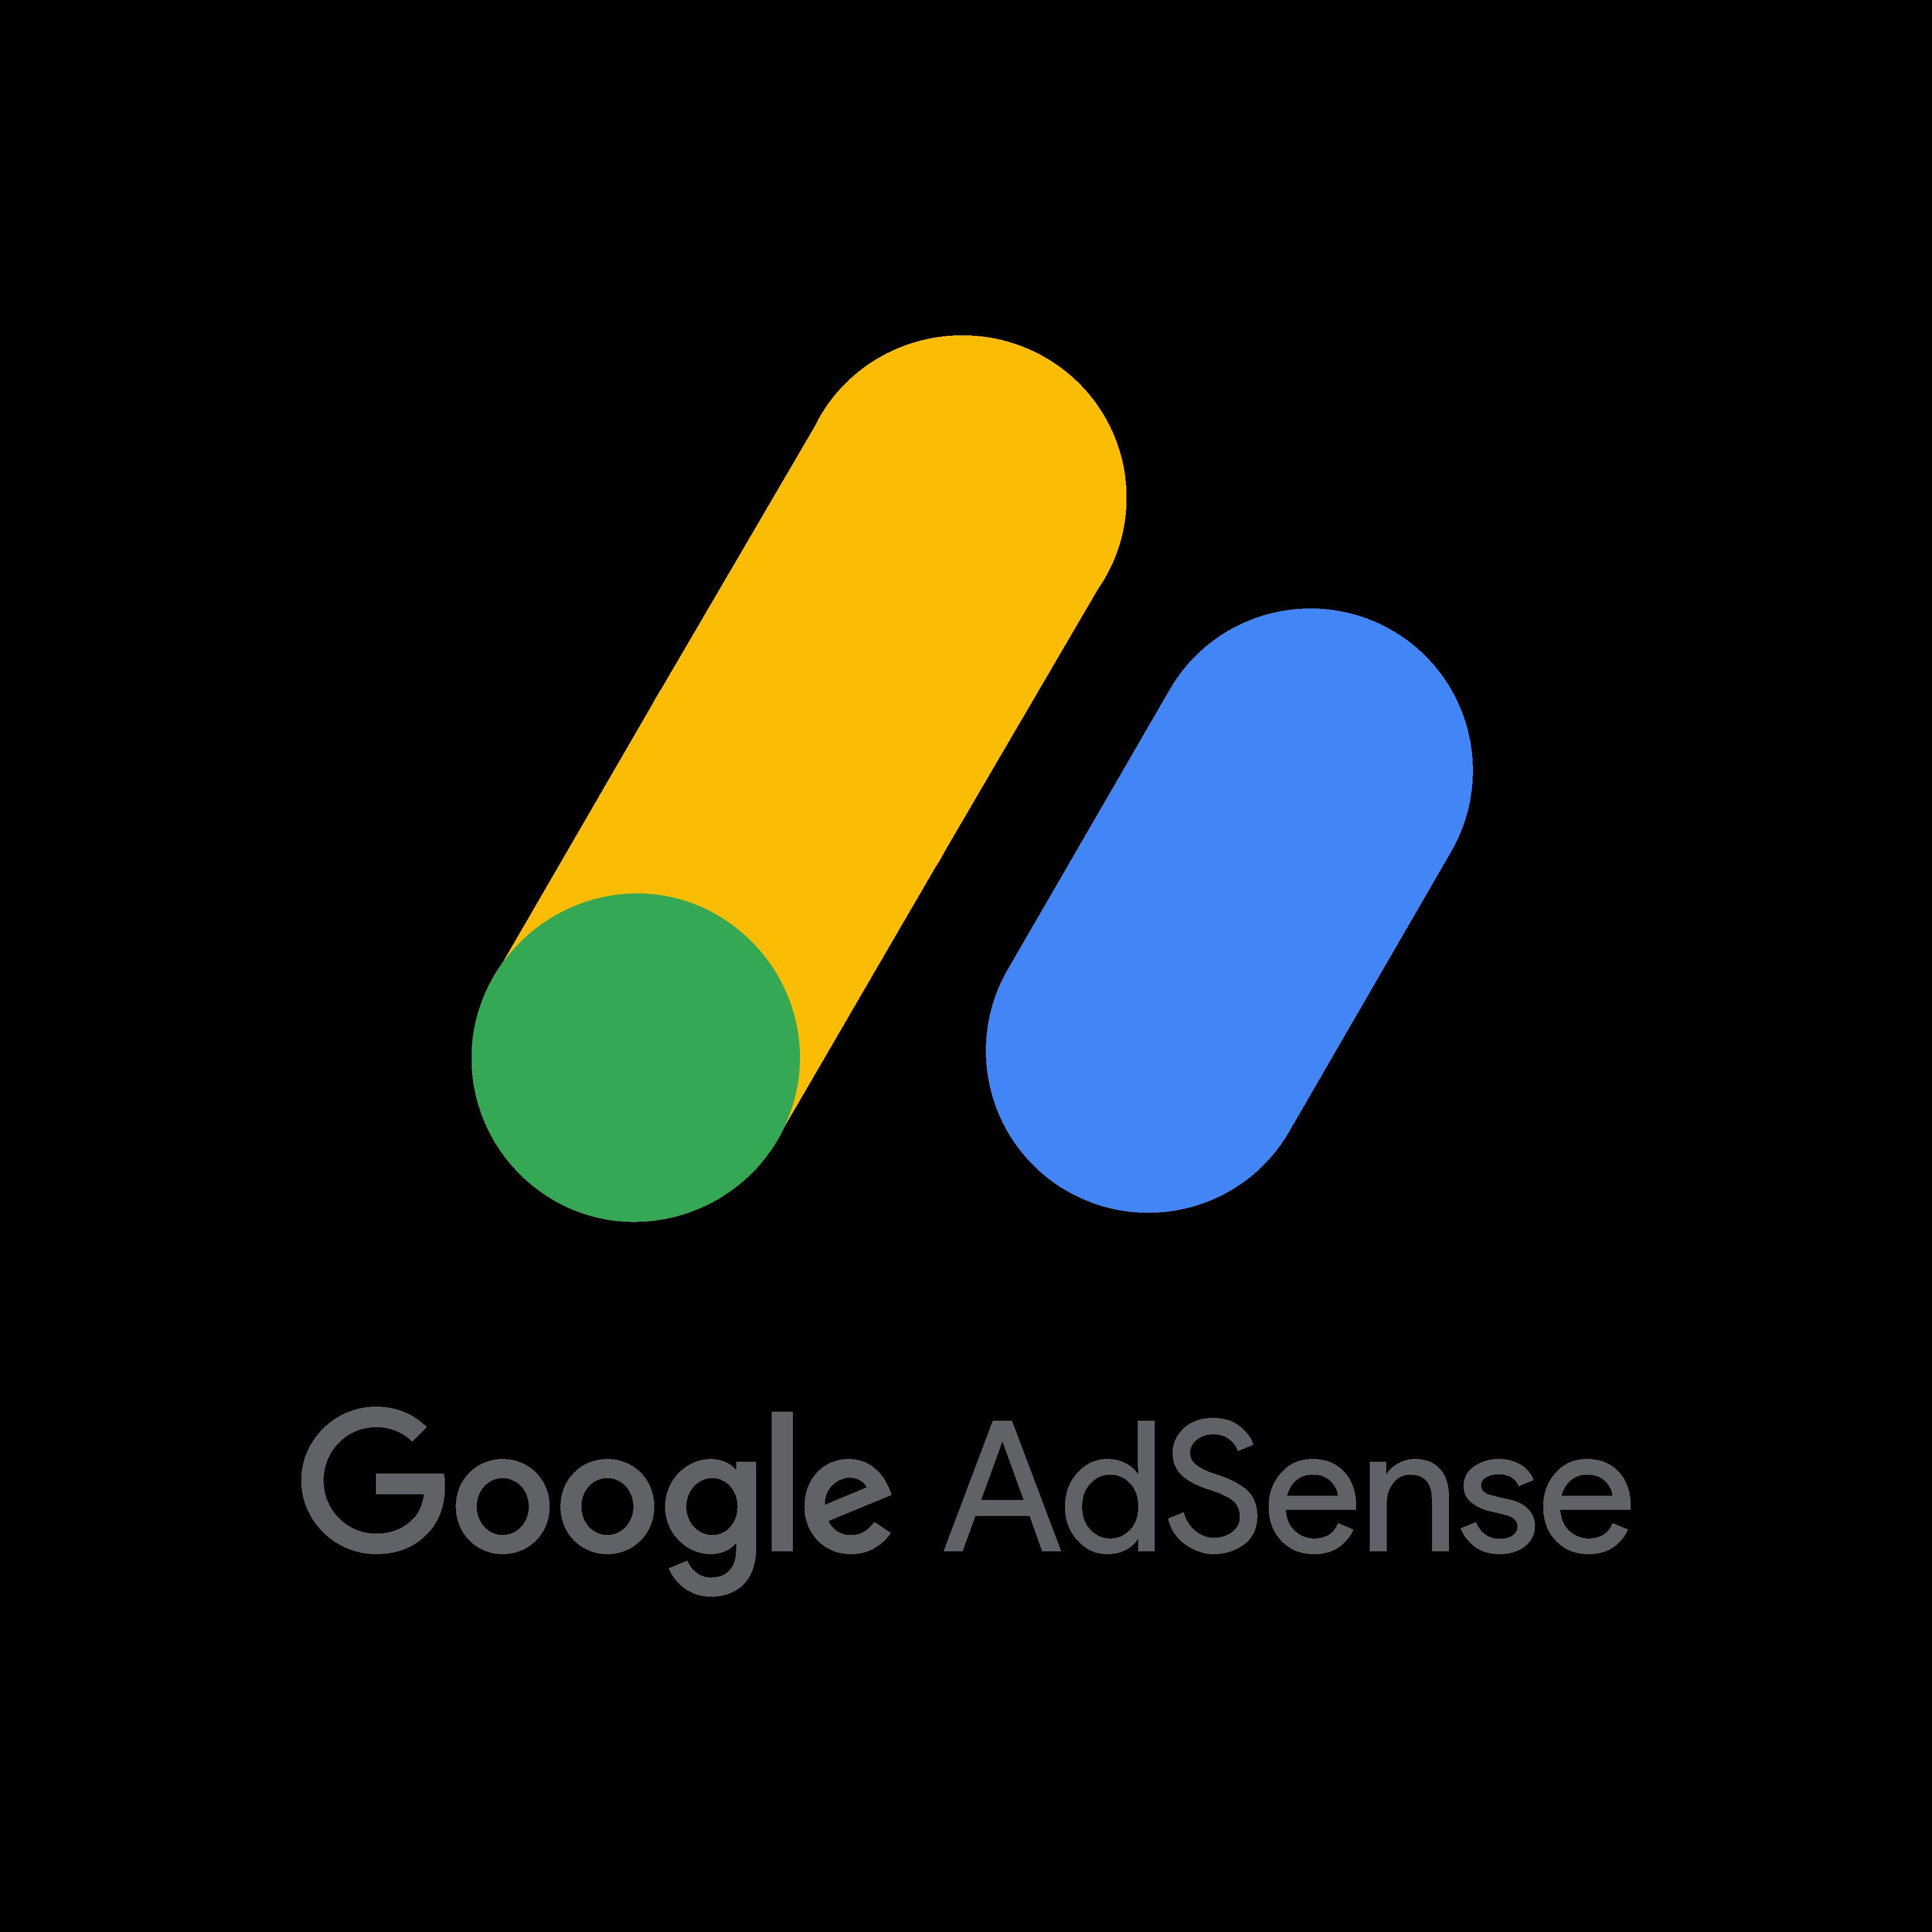 Google Adsense Logo PNG.